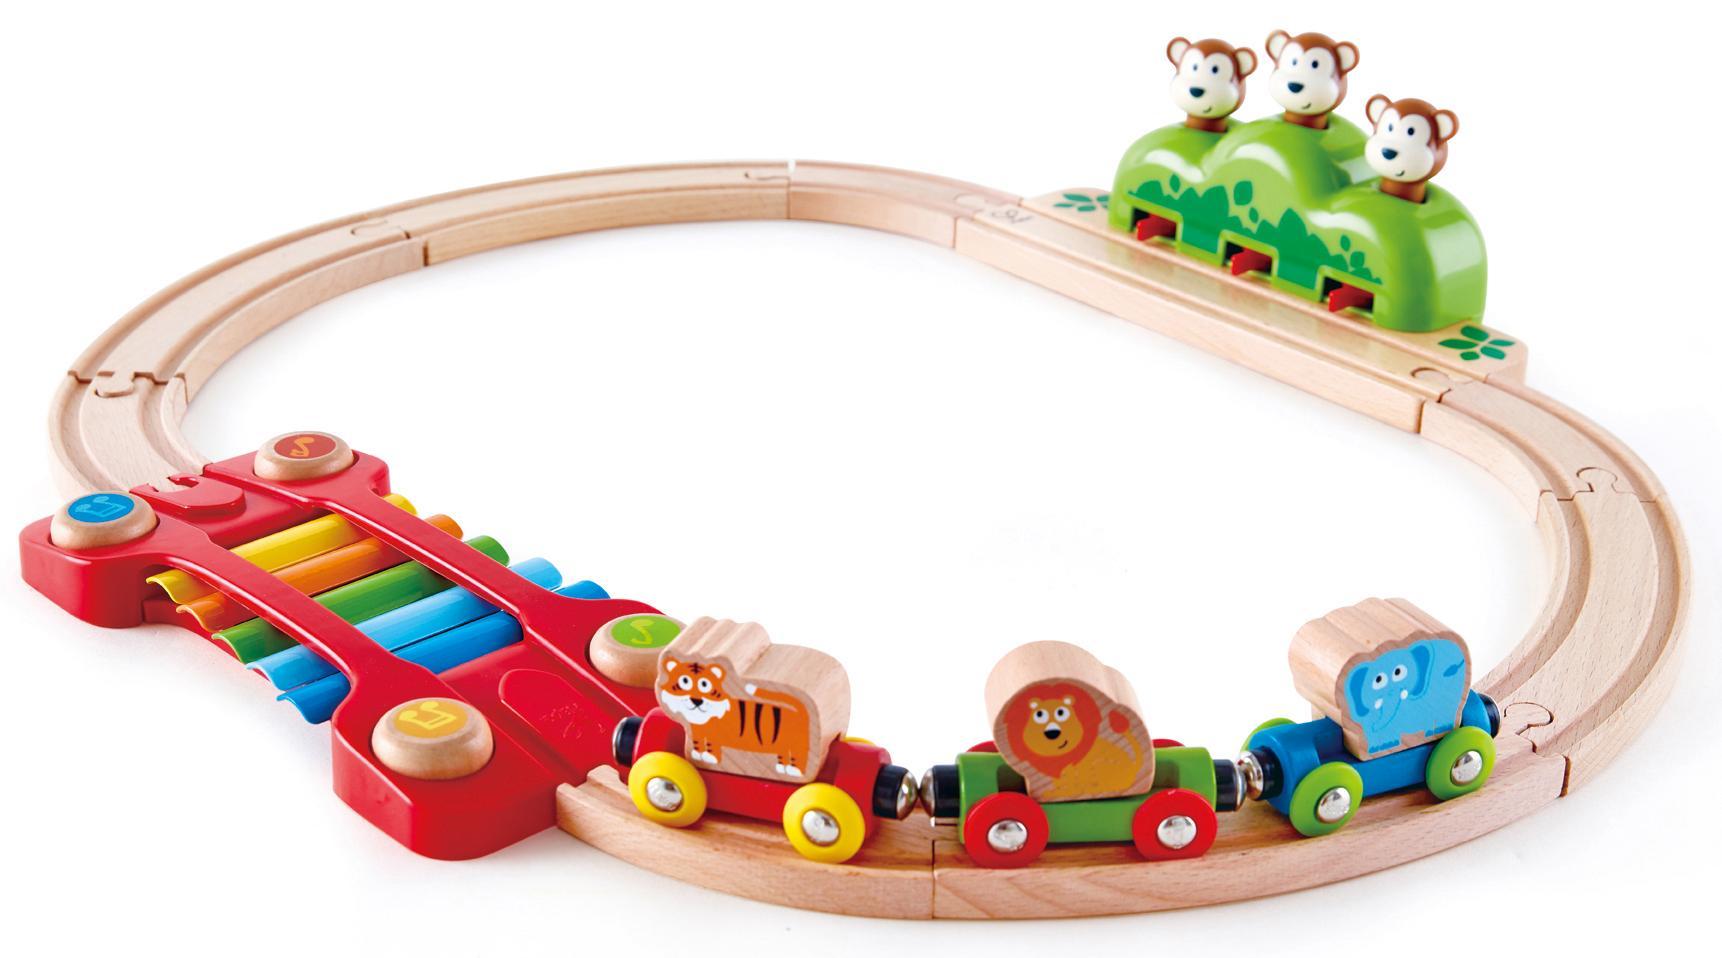 """Hape Spielzeug-Eisenbahn """"Kleines Tier-Eisenbahnset"""" (Set) Technik & Freizeit/Spielzeug/Autos, Eisenbahn & Modellbau/Kindereisenbahnen"""